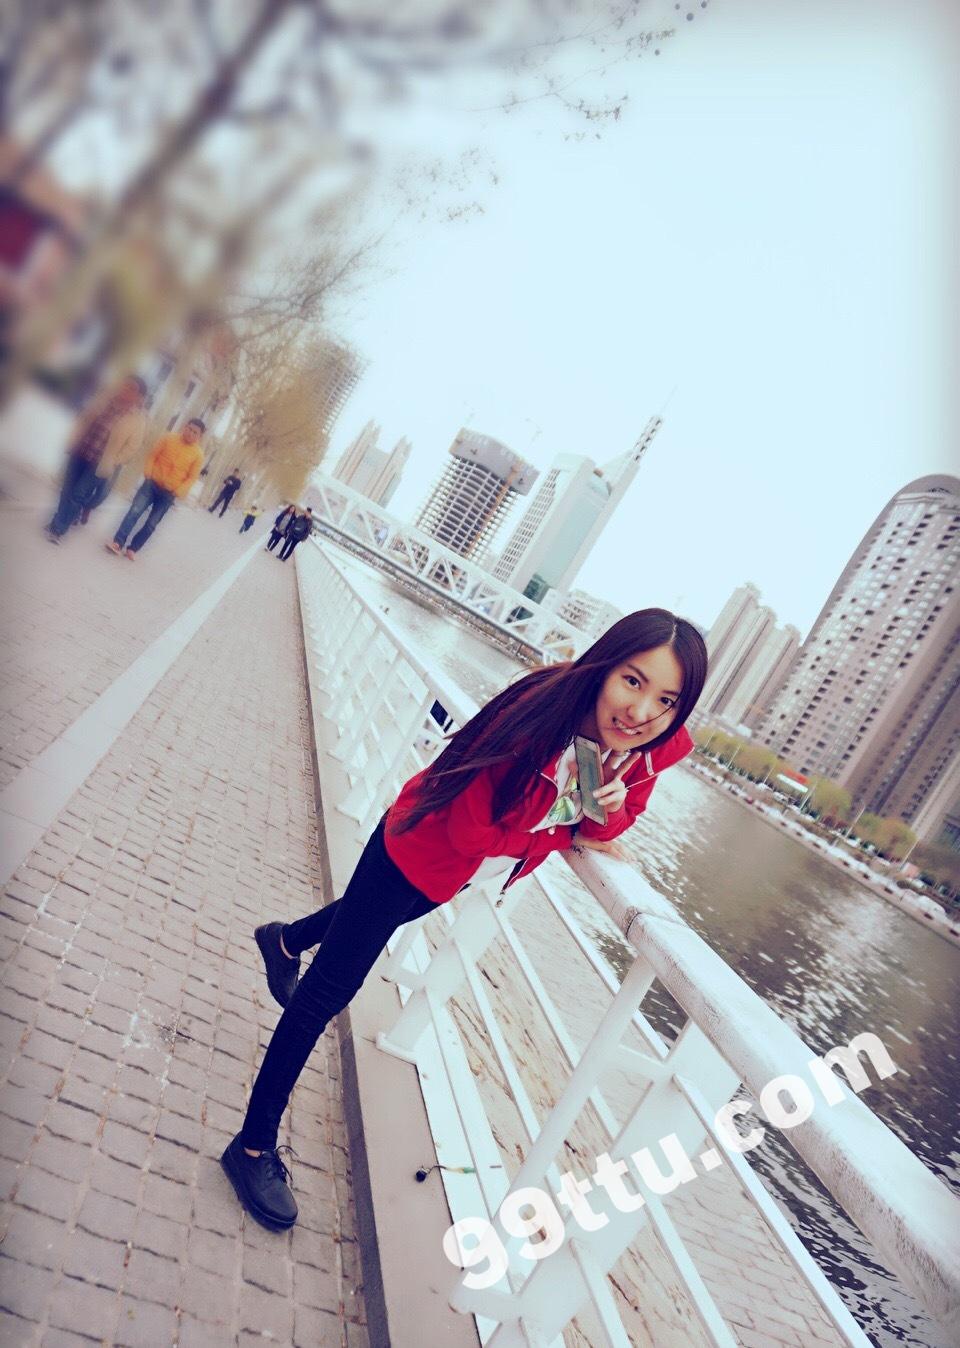 W20_女套图1472照片+16视频(青春旅游真实)-5